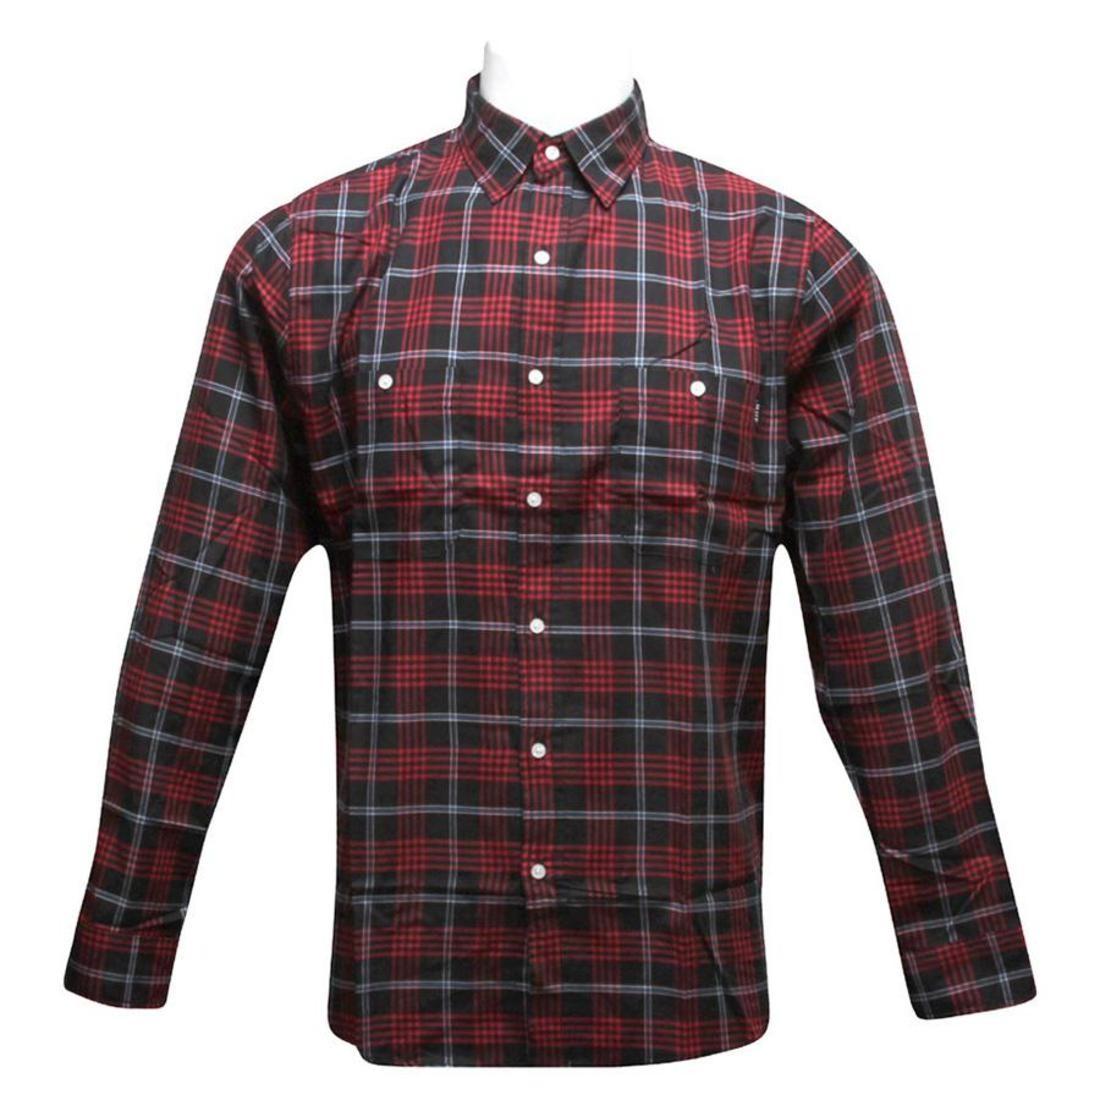 【海外限定】ハフ ボックス ストライプ カジュアルシャツ メンズファッション 【 HUF STRIPE BOX SHIRT BLACK RED 】